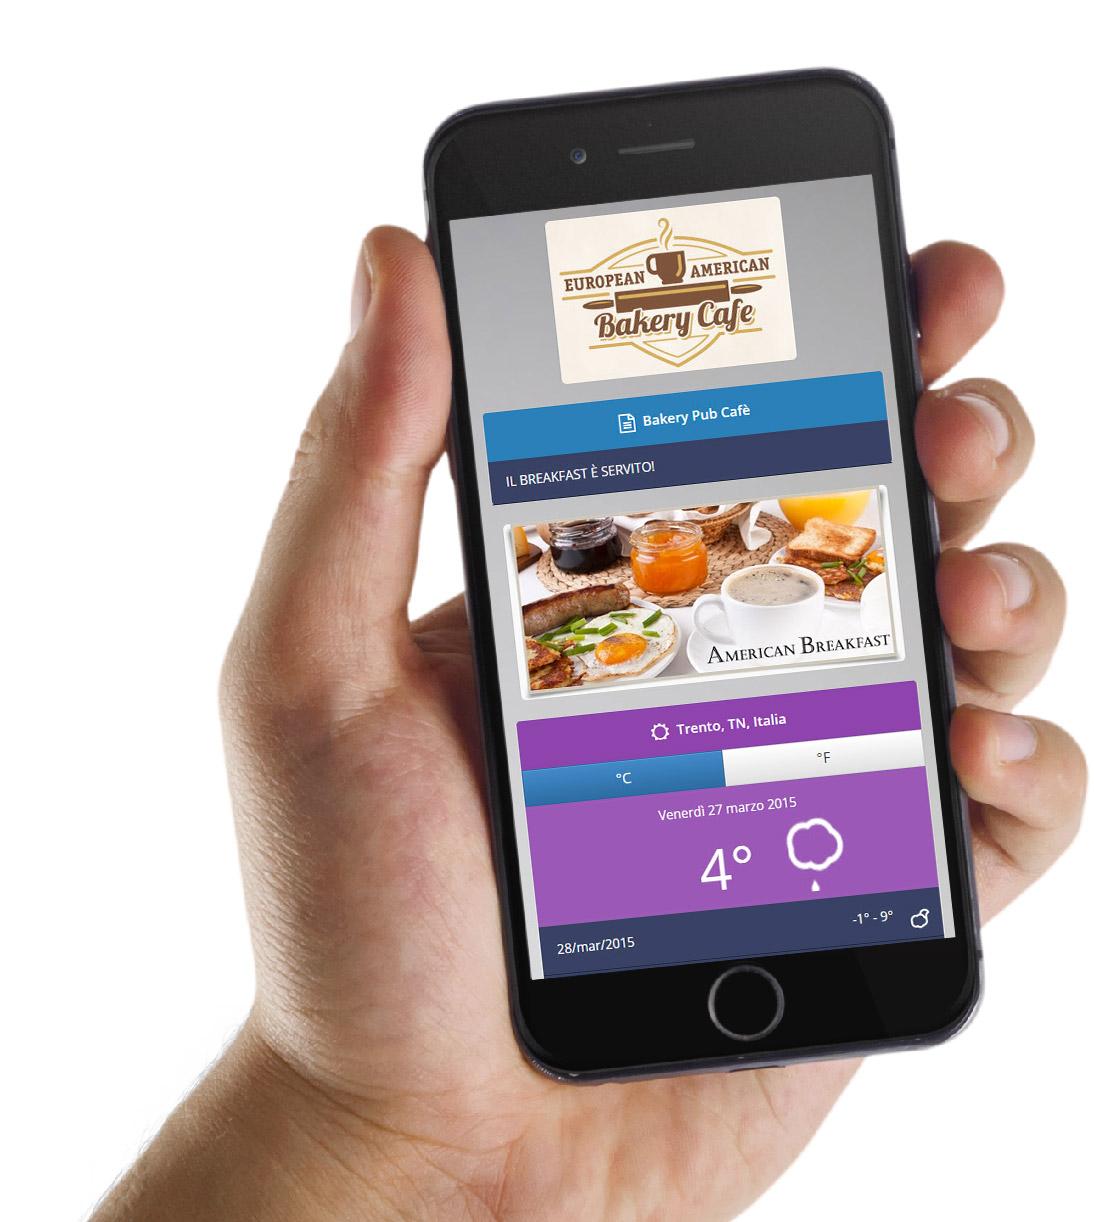 Una mano mostra un cellulare smartphone con visualizzata la pagina di benvenuto (Guest Portal) dii un hotspot wifi WiSpot.